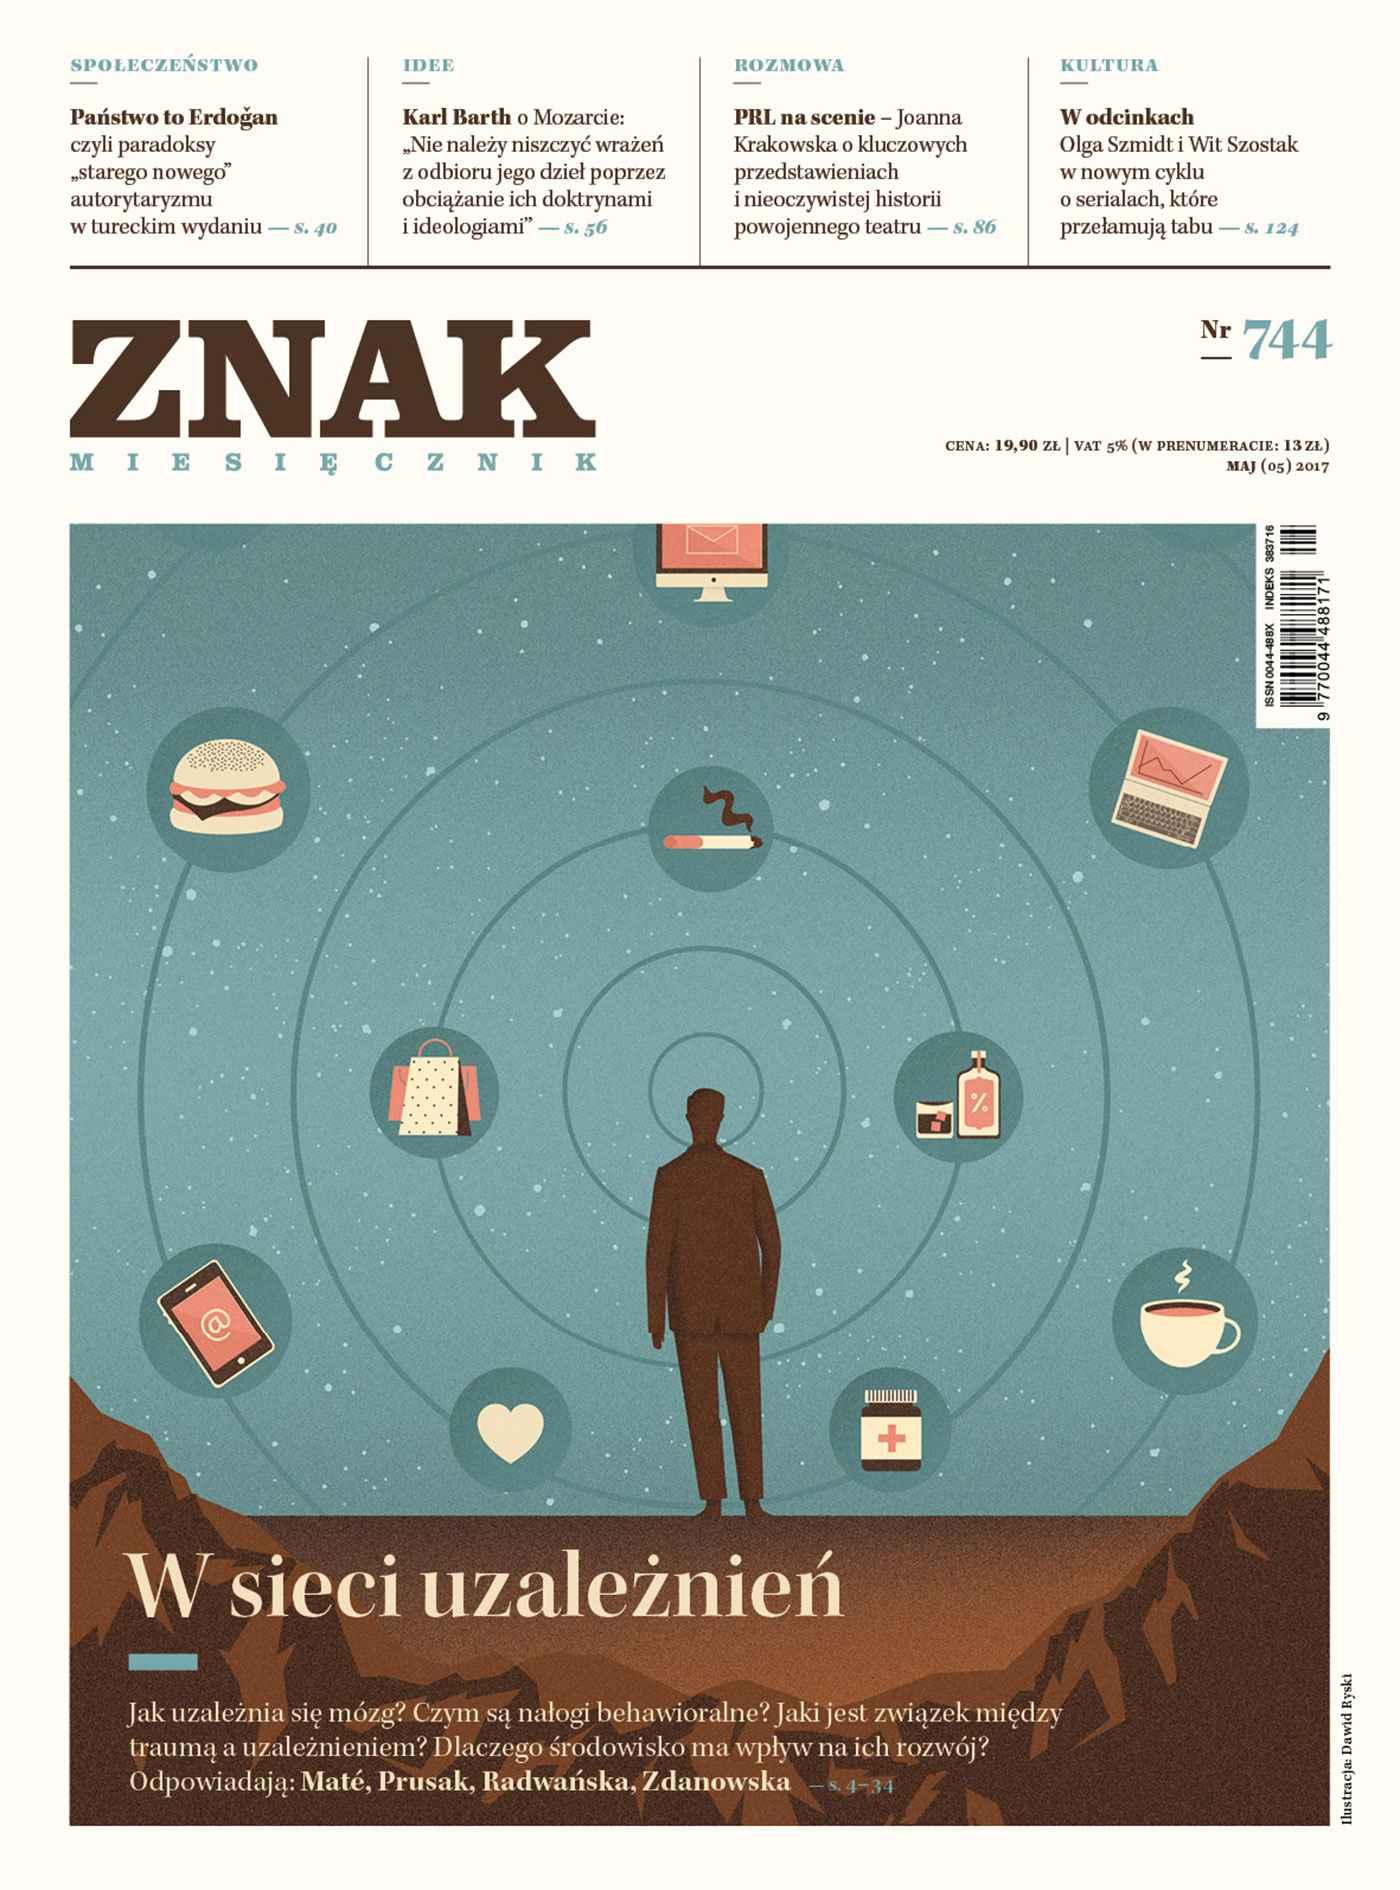 Miesięcznik Znak nr 744: W sieci uzależnień - Ebook (Książka PDF) do pobrania w formacie PDF